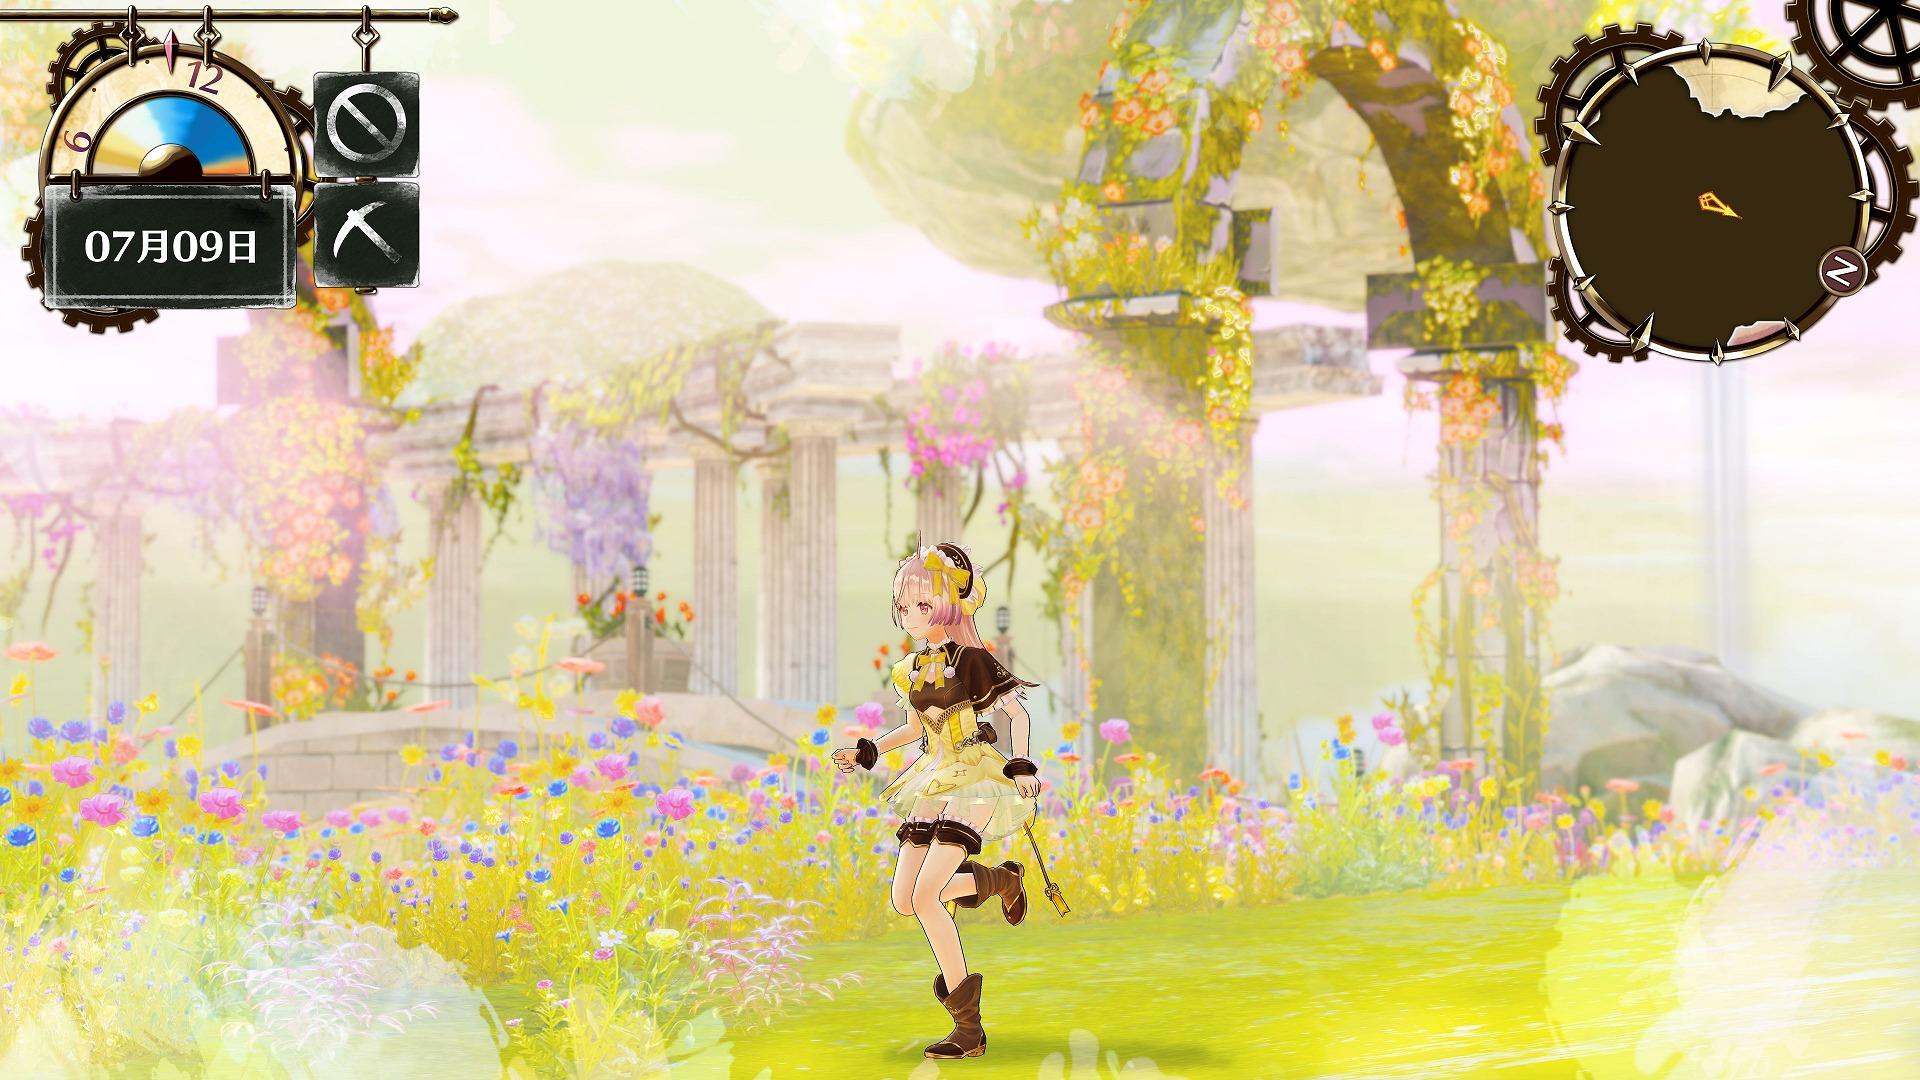 http://www.4gamer.net/games/383/G038341/20170803045/SS/013.jpg